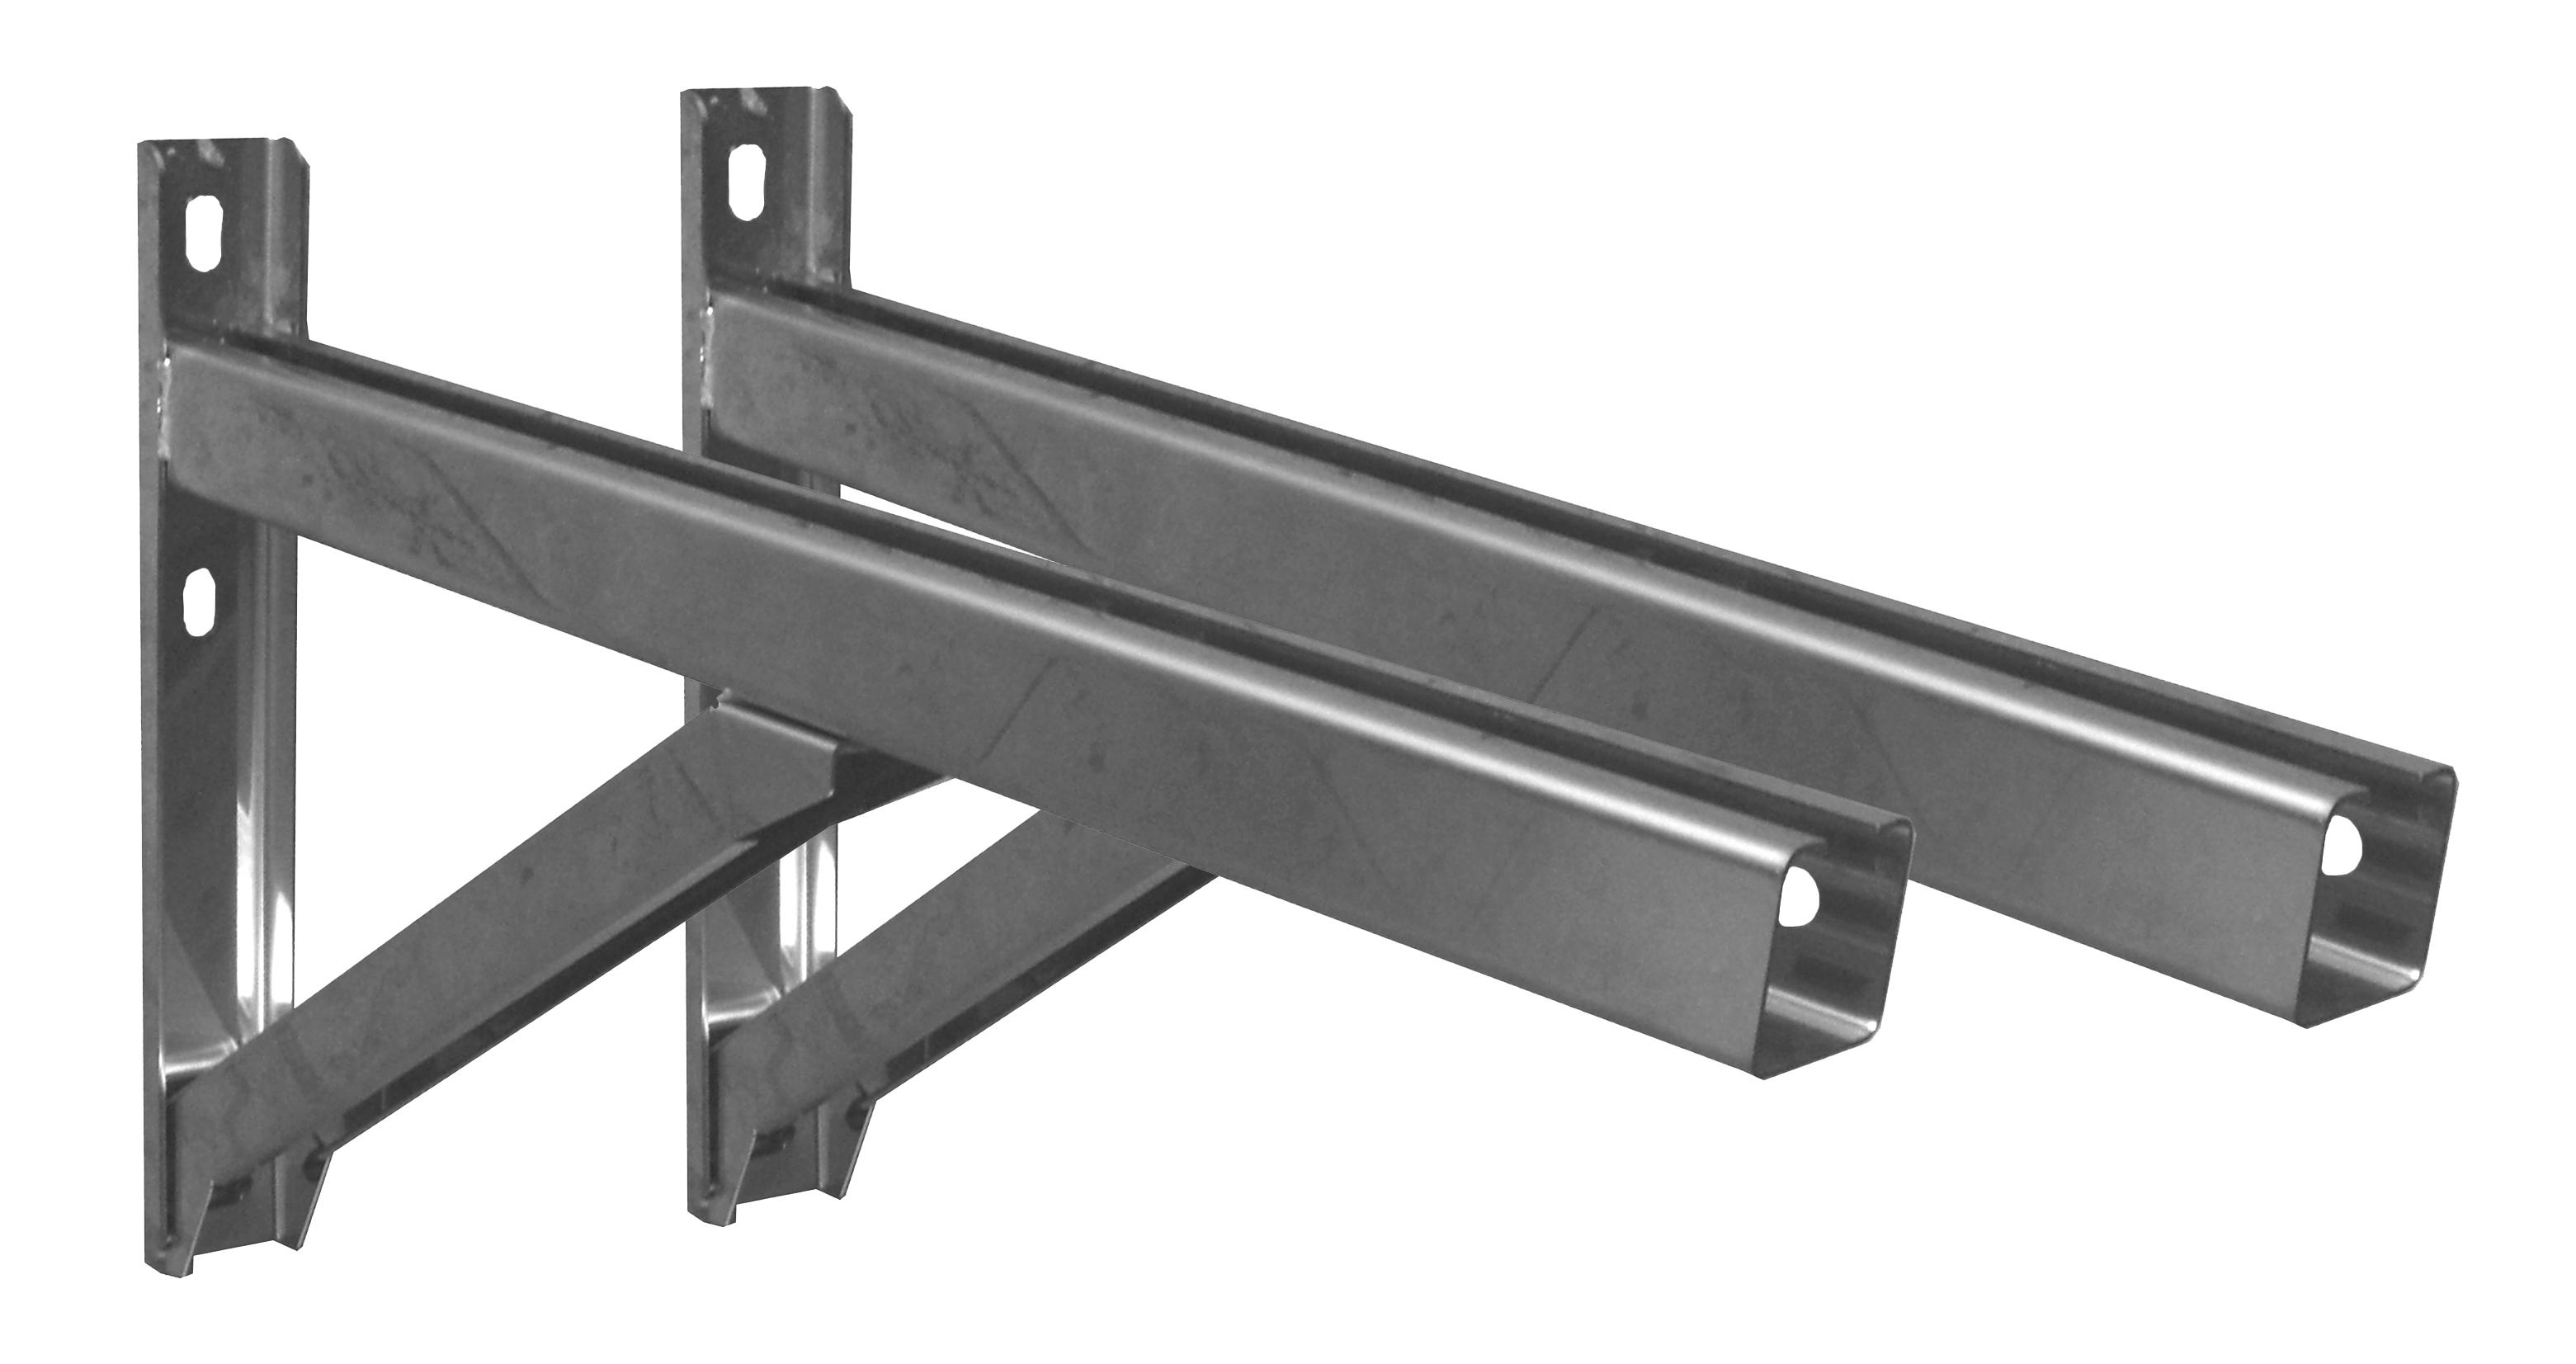 Wandstützen & Querträger, Typ II, 500 mm  für Tecnovis DW-Systeme